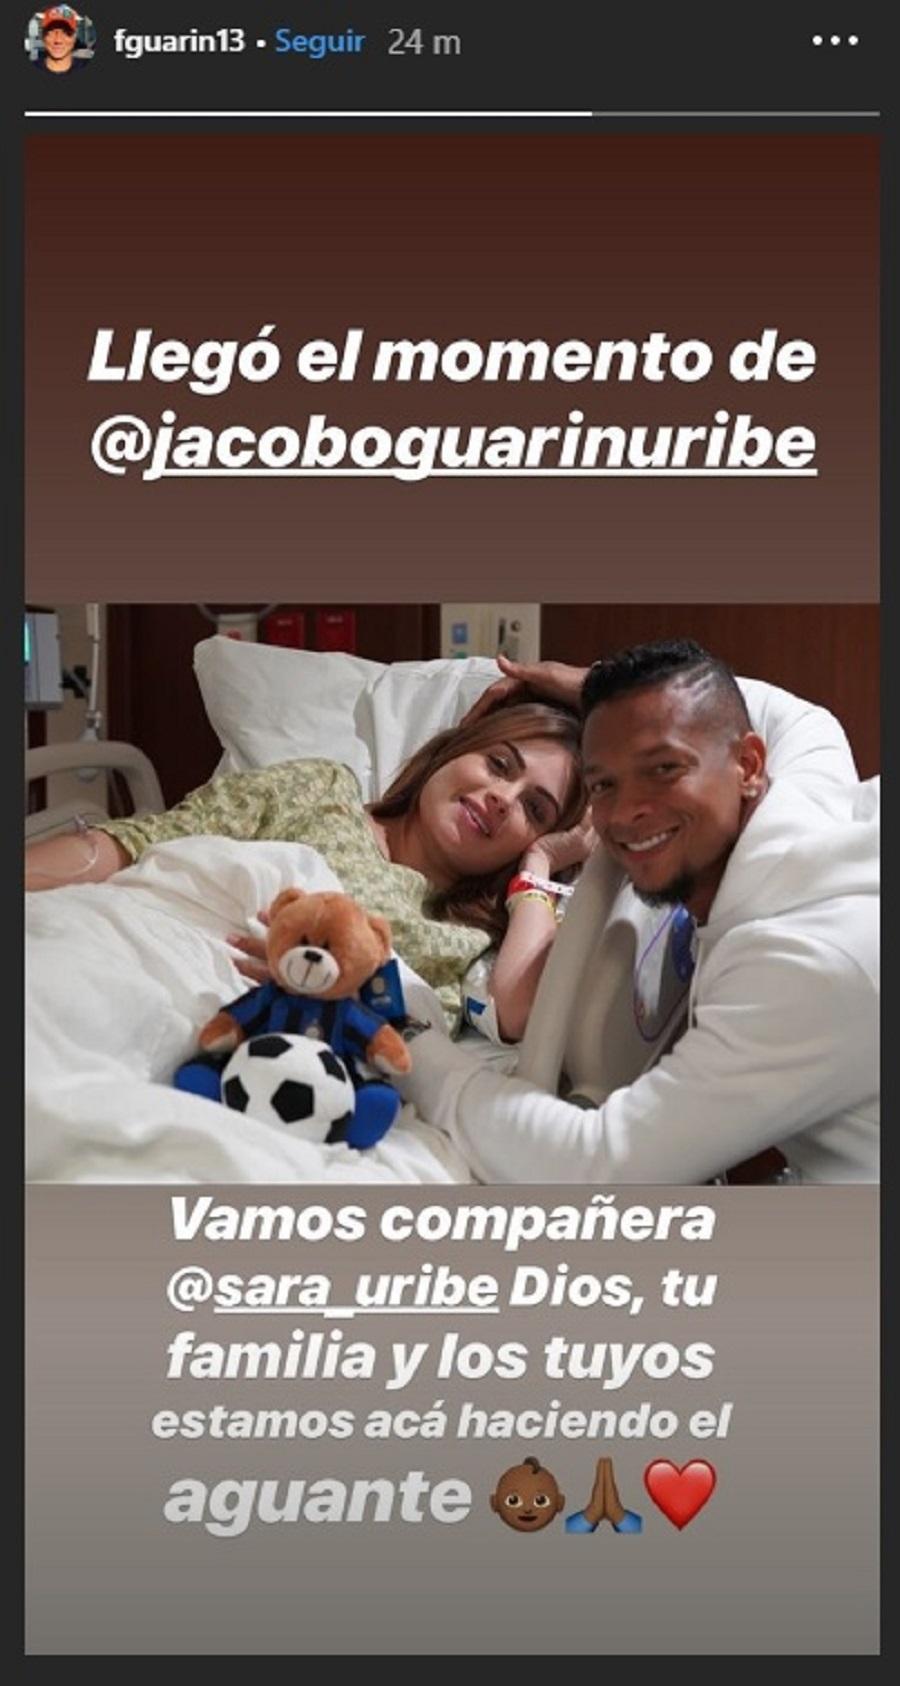 Mensaje de Fredy Guarín antes del nacimiento de su hijo